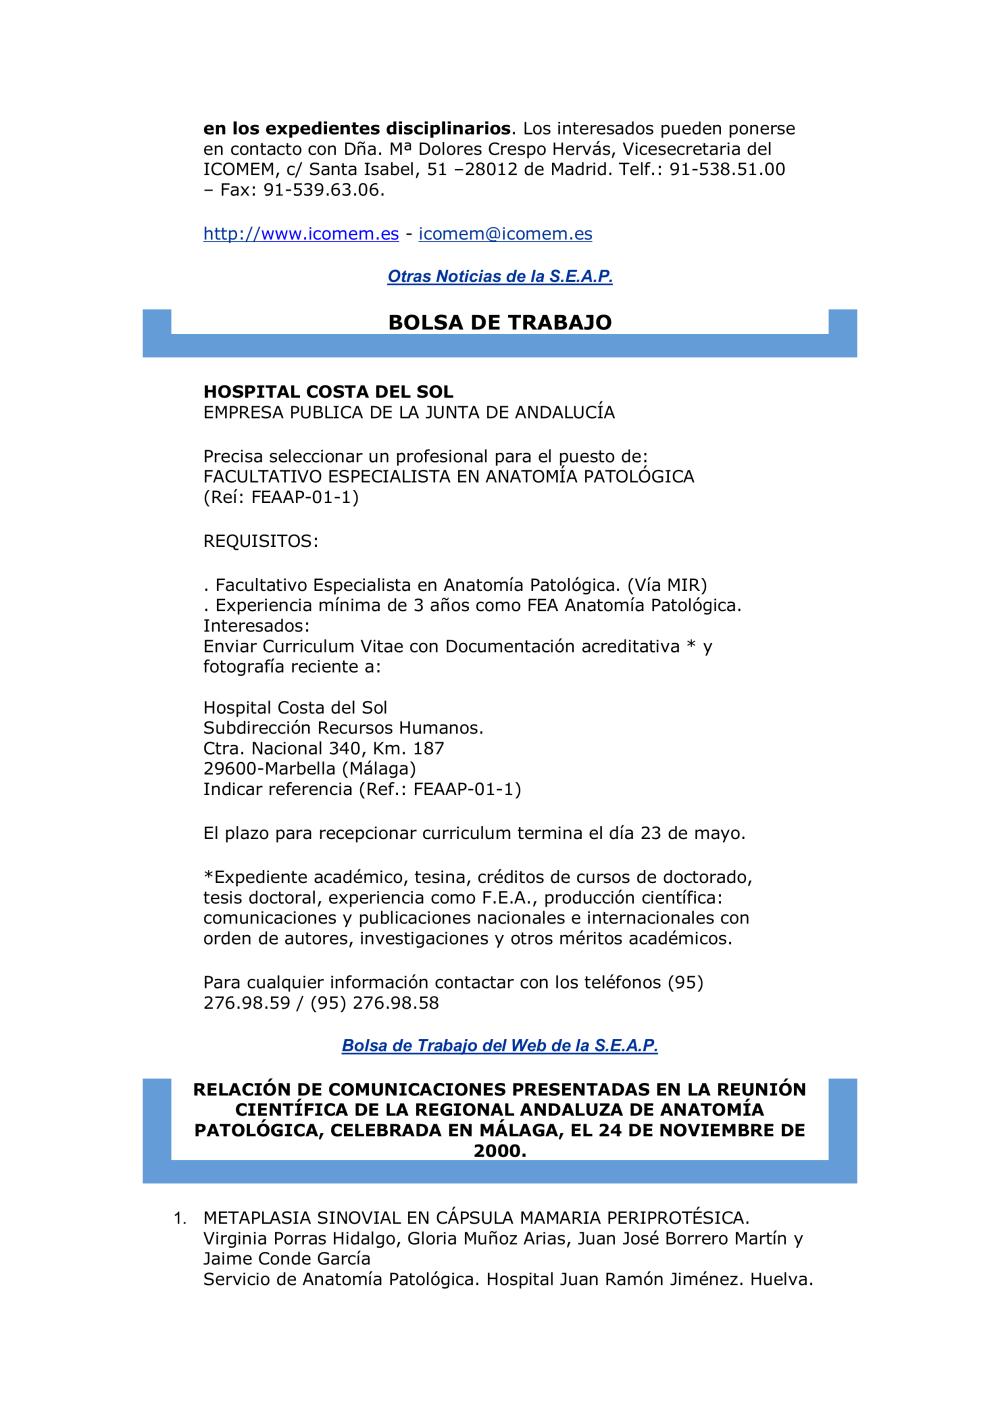 Post-USCAP 2015 - Sociedad Española de Anatomía Patológica